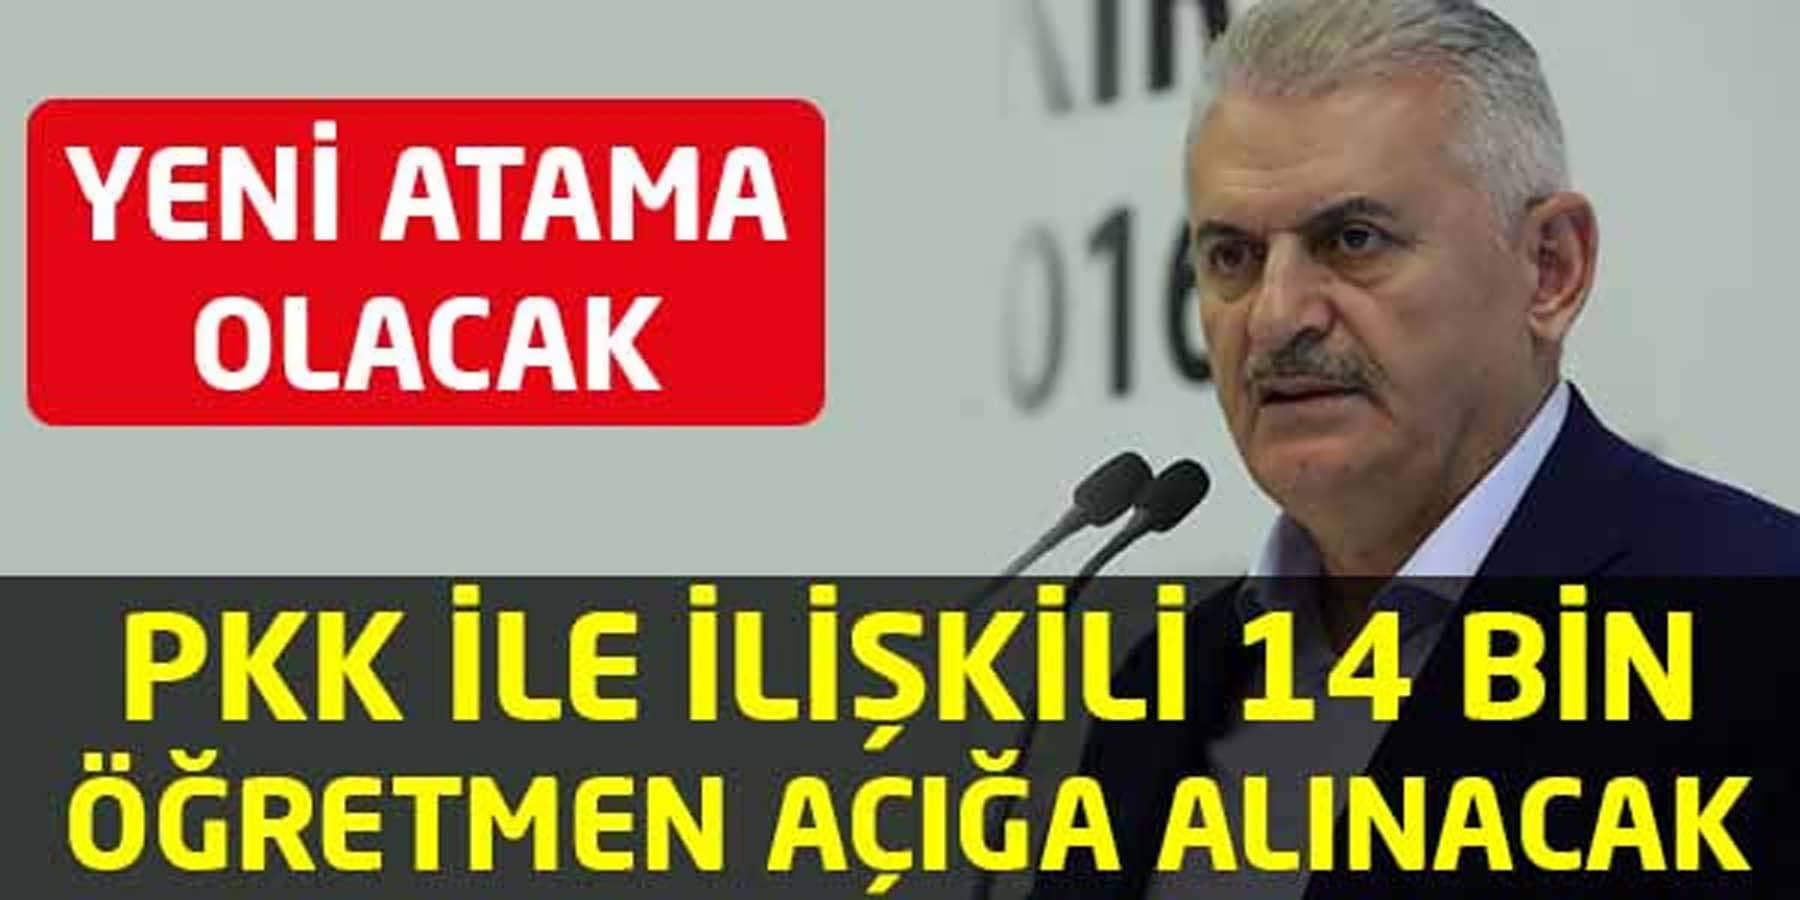 PKK ya Bulaşmış 14 Bin Öğretmen Açığa Alınıyor